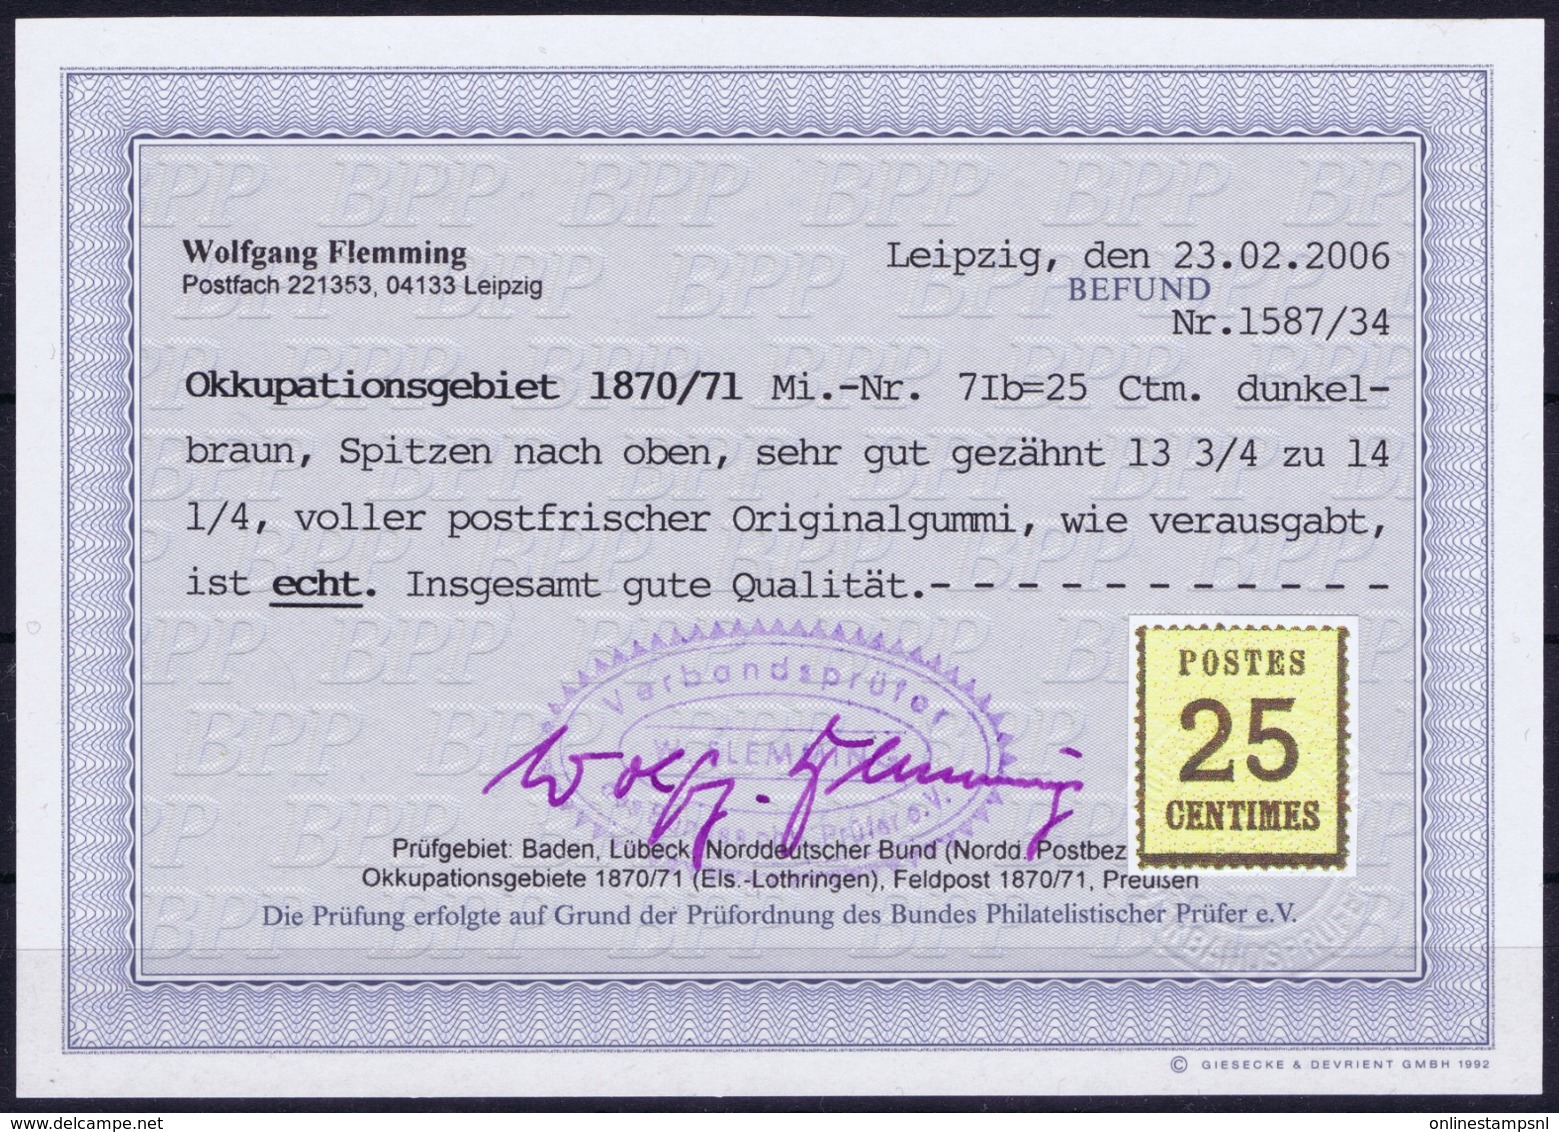 NDP Okkupationsgebiet 1870/71 Mi 7Ib Dunkelbraun Spitzen Nach Oben Potfrisch Originalgummi Photo Befund BPP Flemming - North German Conf.